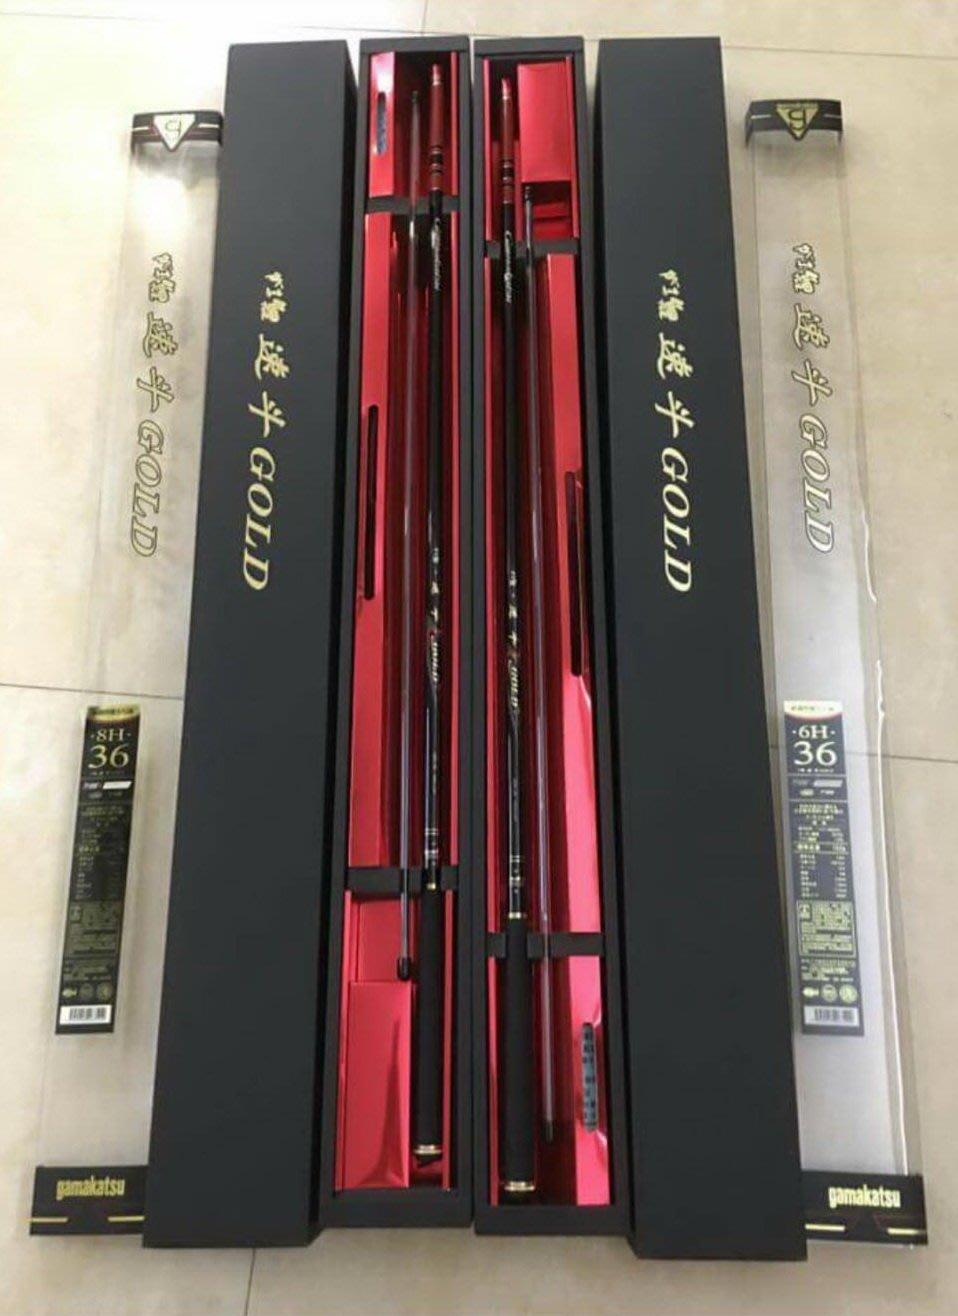 最新 gamakatsu gama鯉 速斗 GOLD  6h-360 雙尾池釣竿 另有8h-360 (7/10現貨)